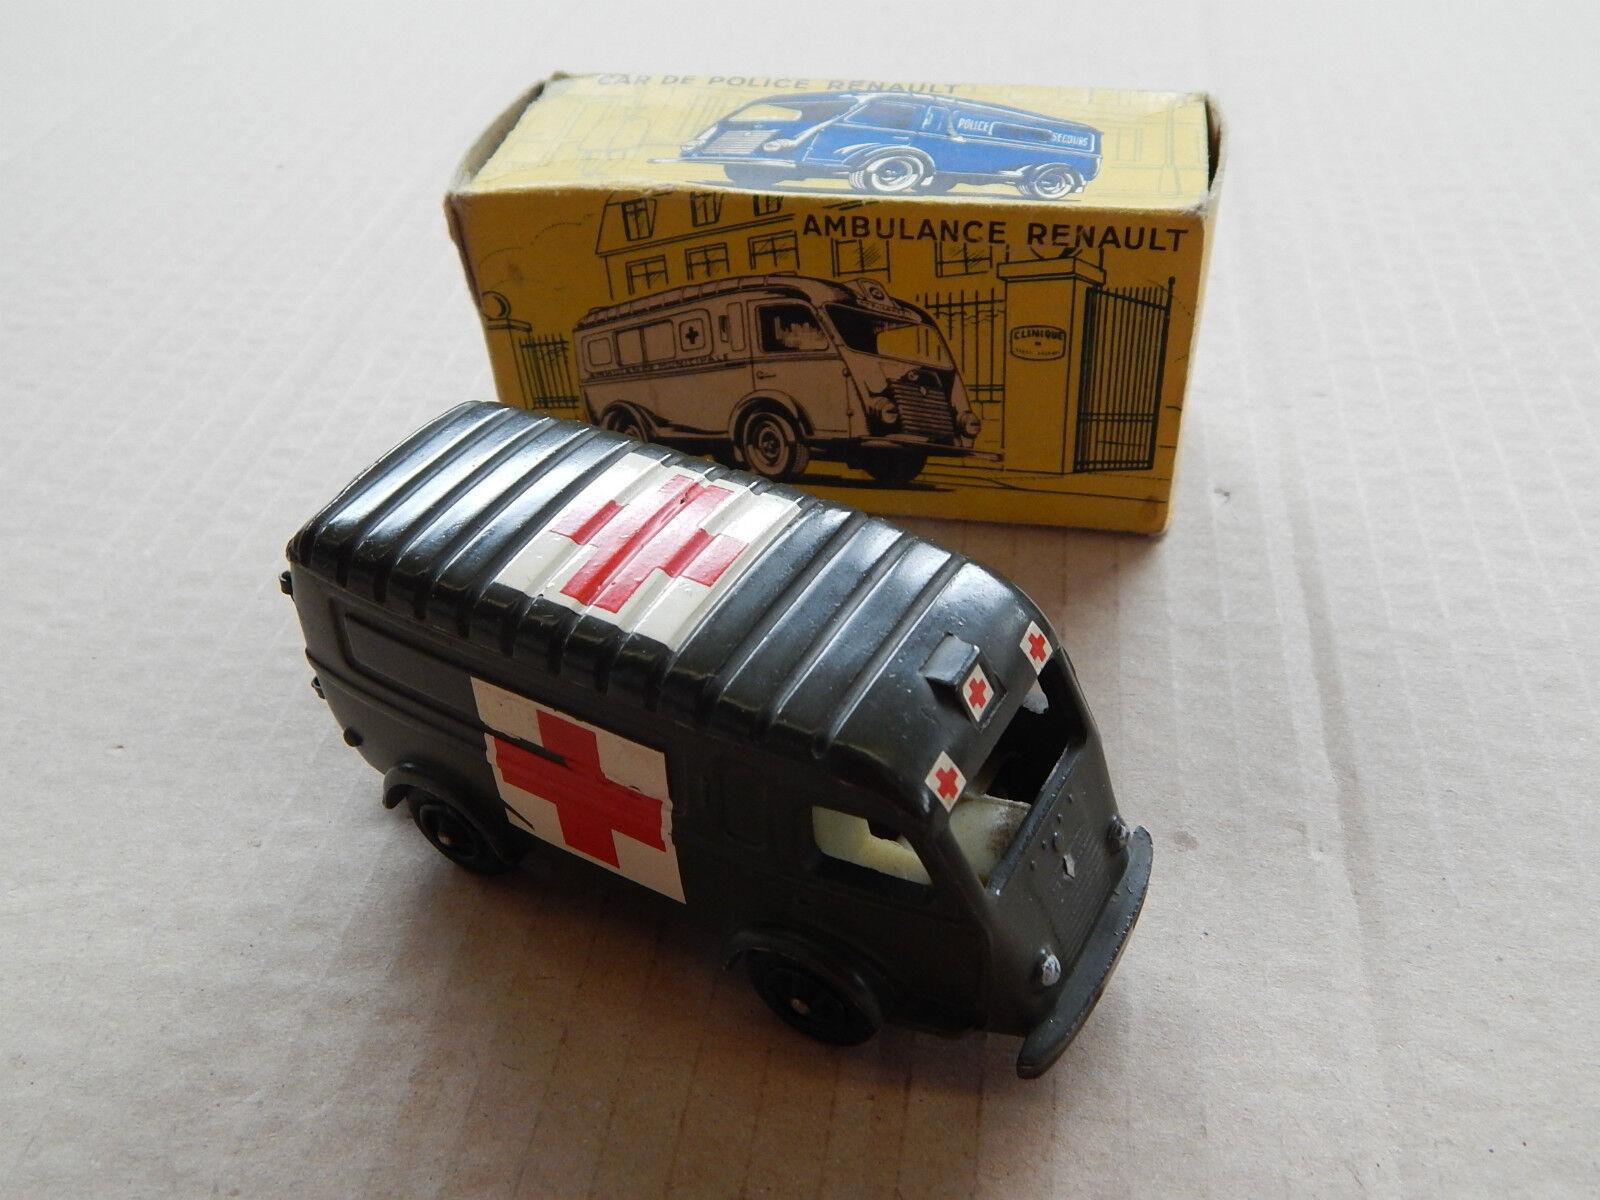 VINTAGE CIJ F n° 3.62 Renault 1000 kg ambulance militaire 1 43 DIE CAST DIECAST